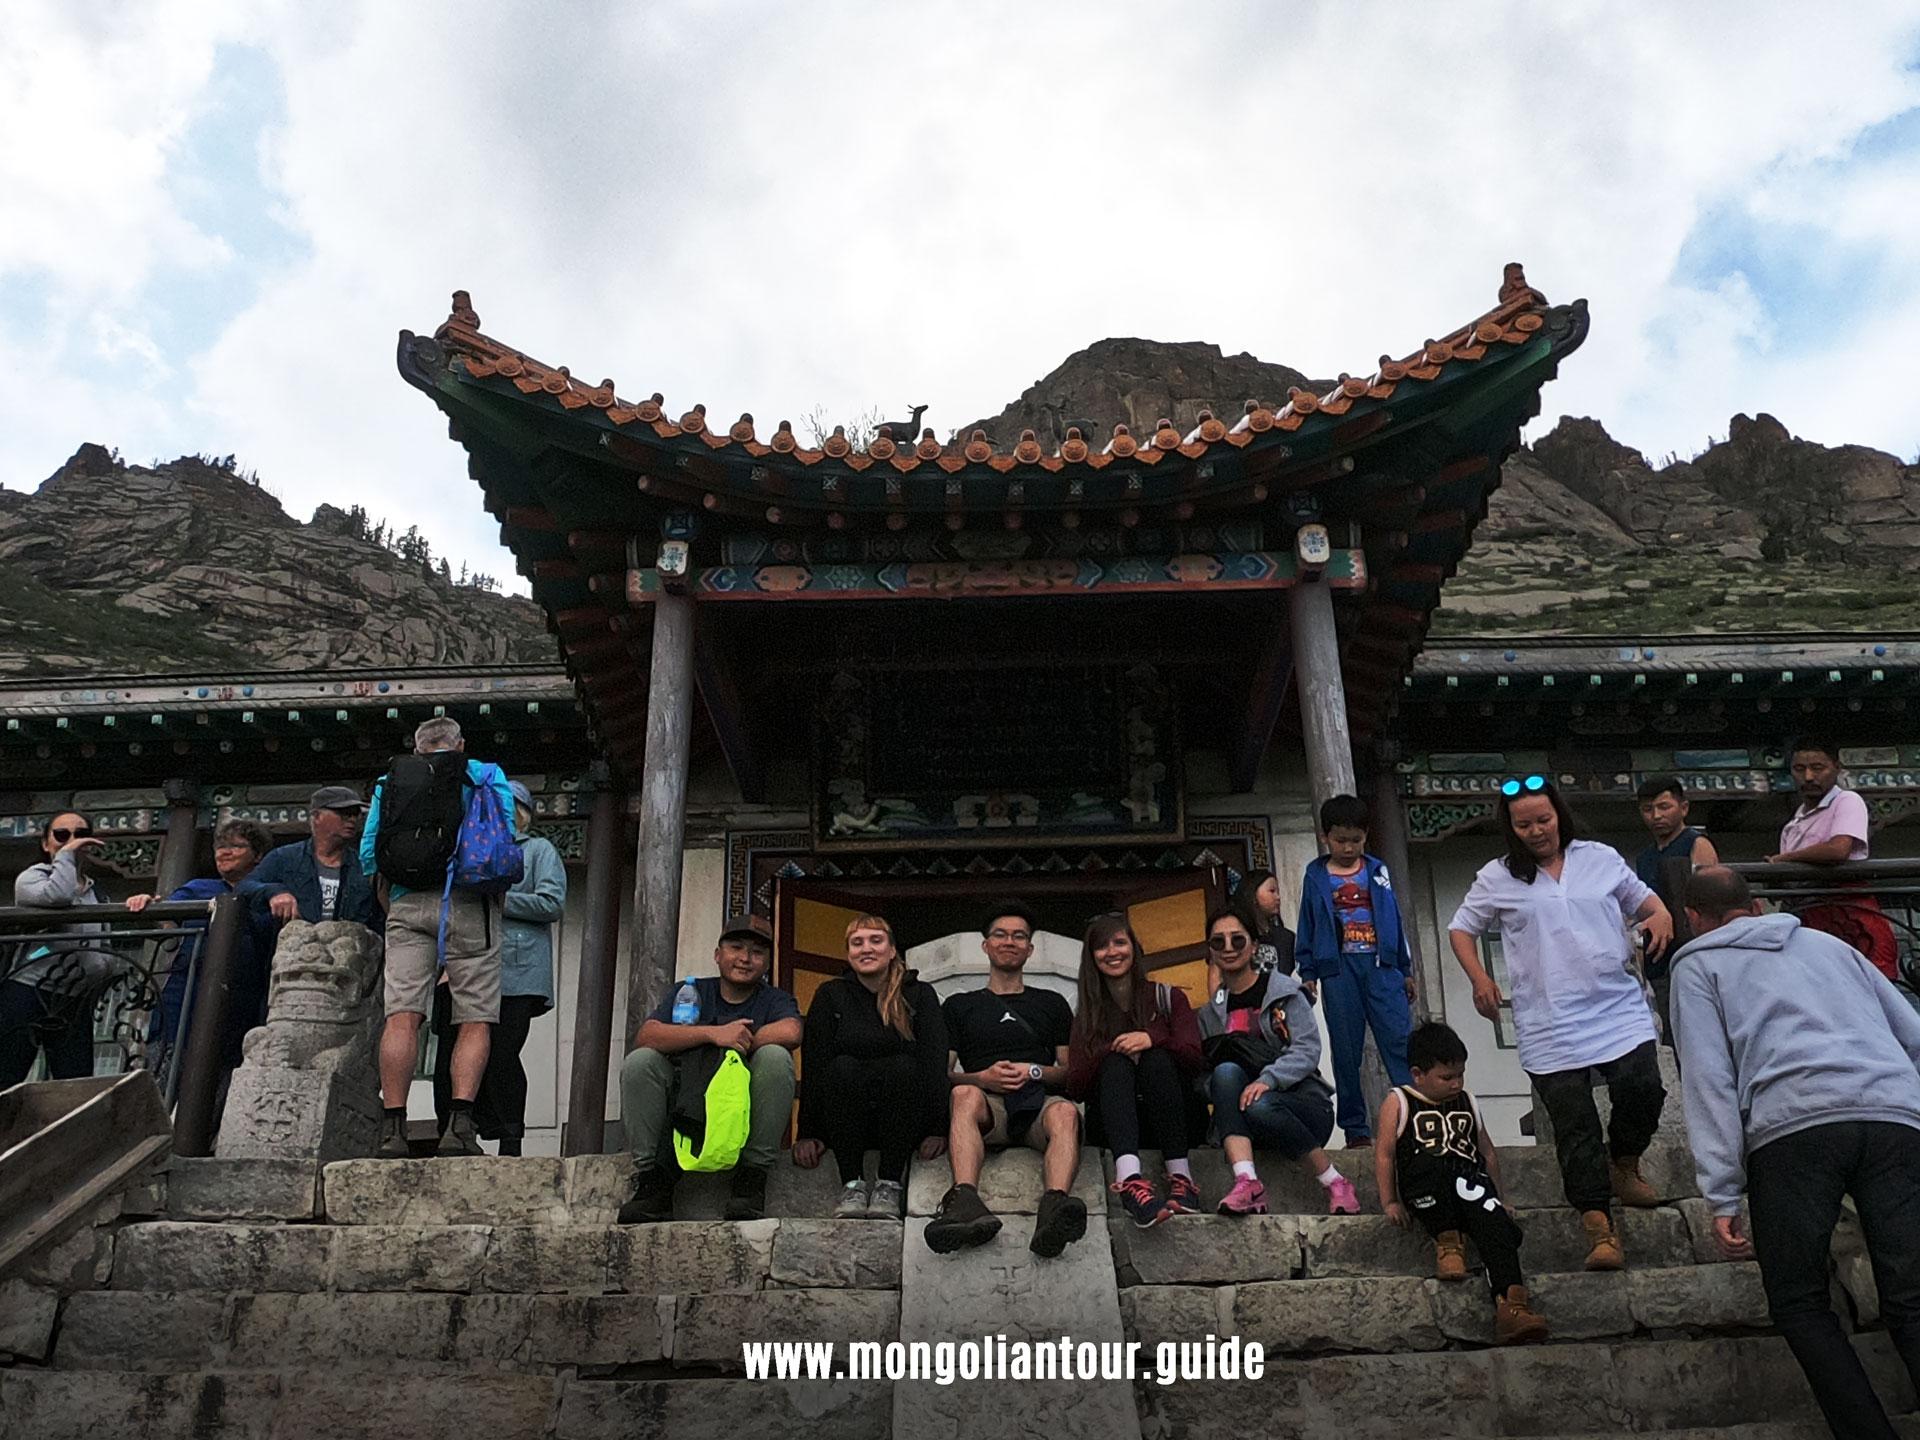 mongolia-temple